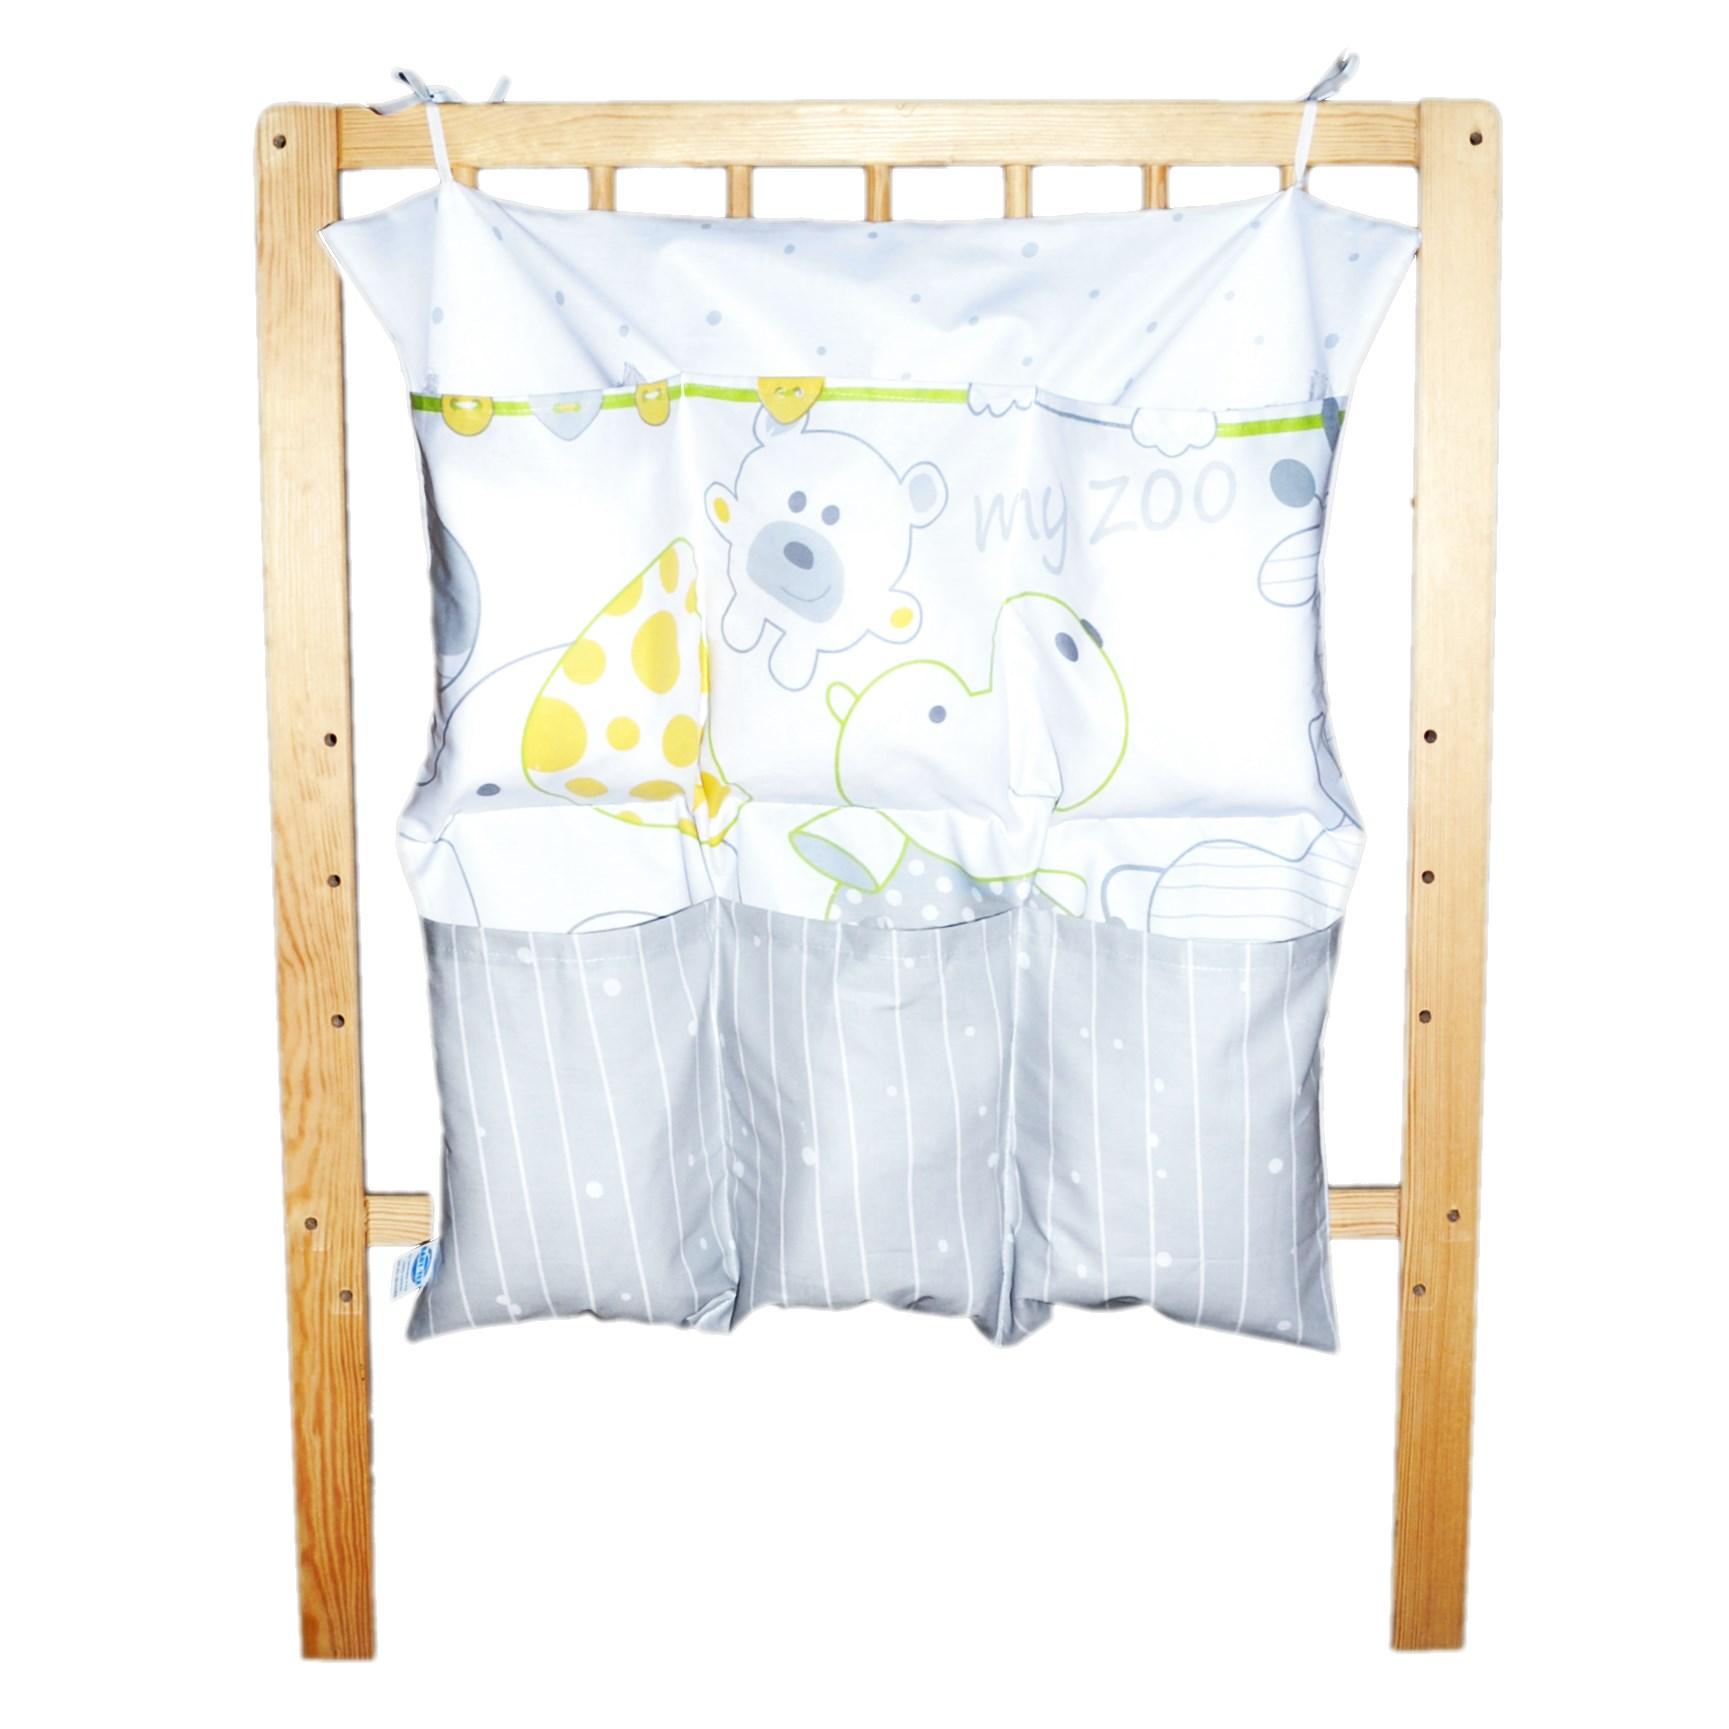 Bavlněný kapsář na postýlku - ZOO bílý šedá, žlutá, zelená (BB7)